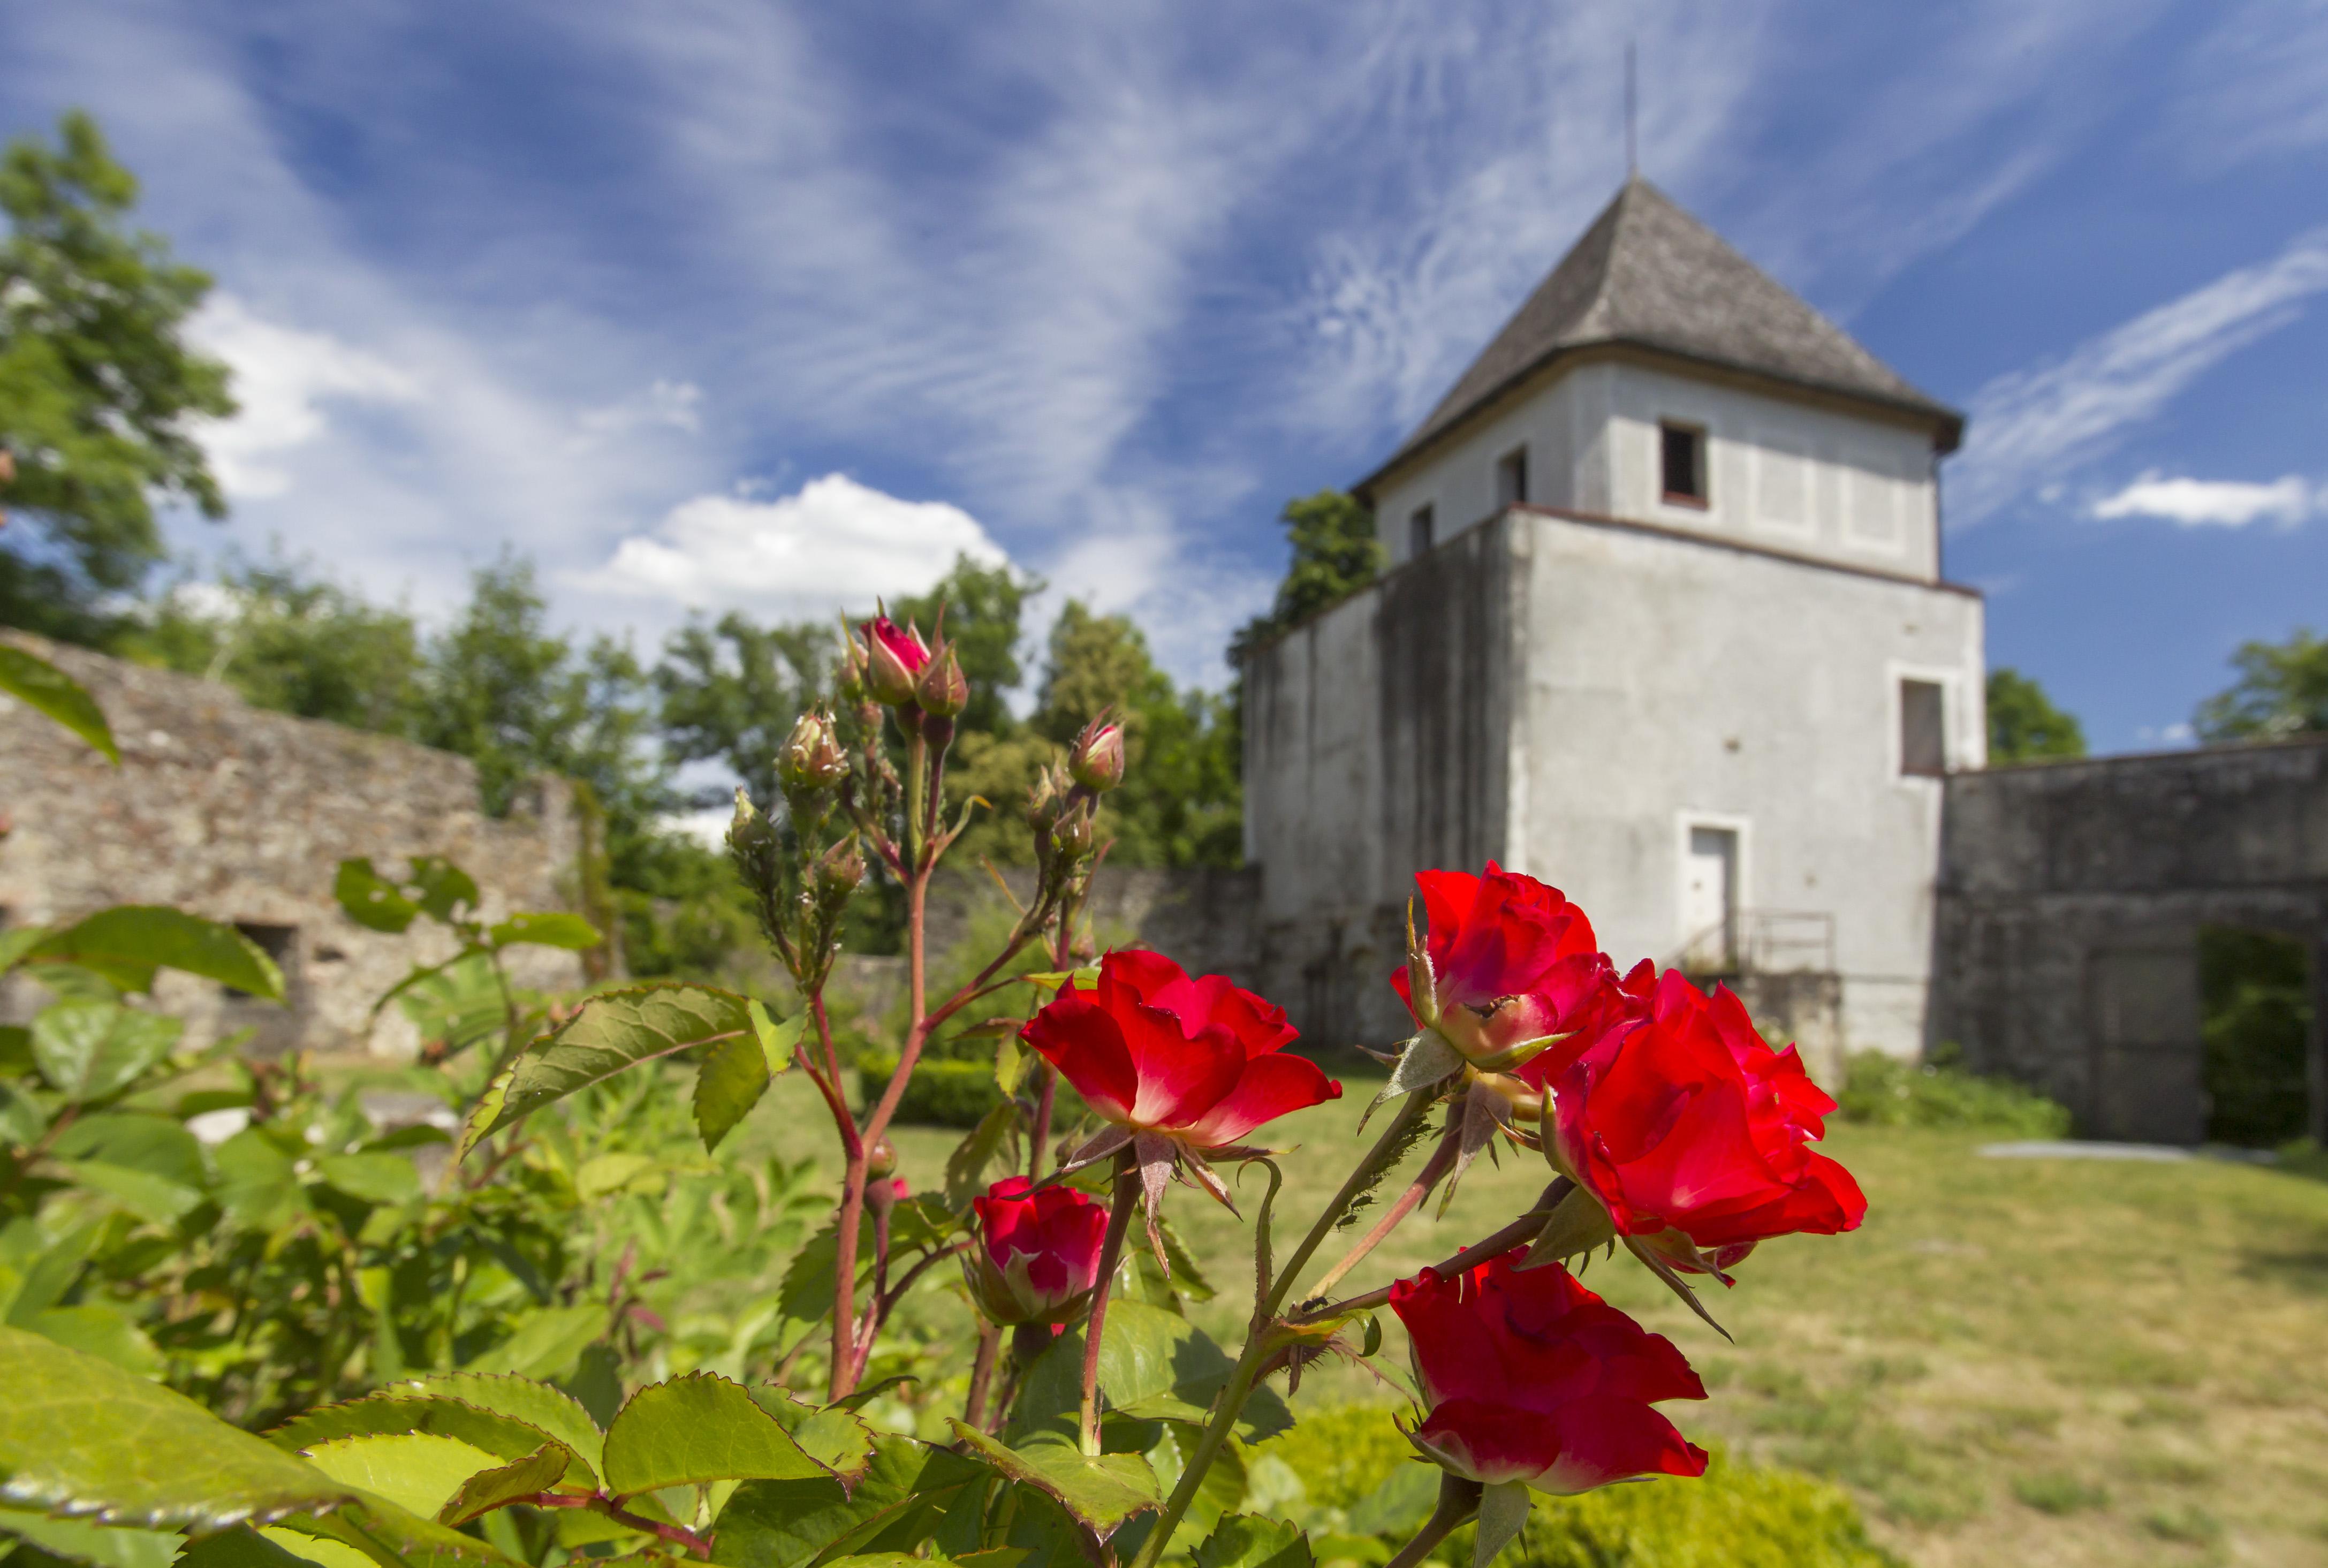 Die Burg Natternberg war einst Residenz des niederbayerischen Herzogs Heinrich XV.